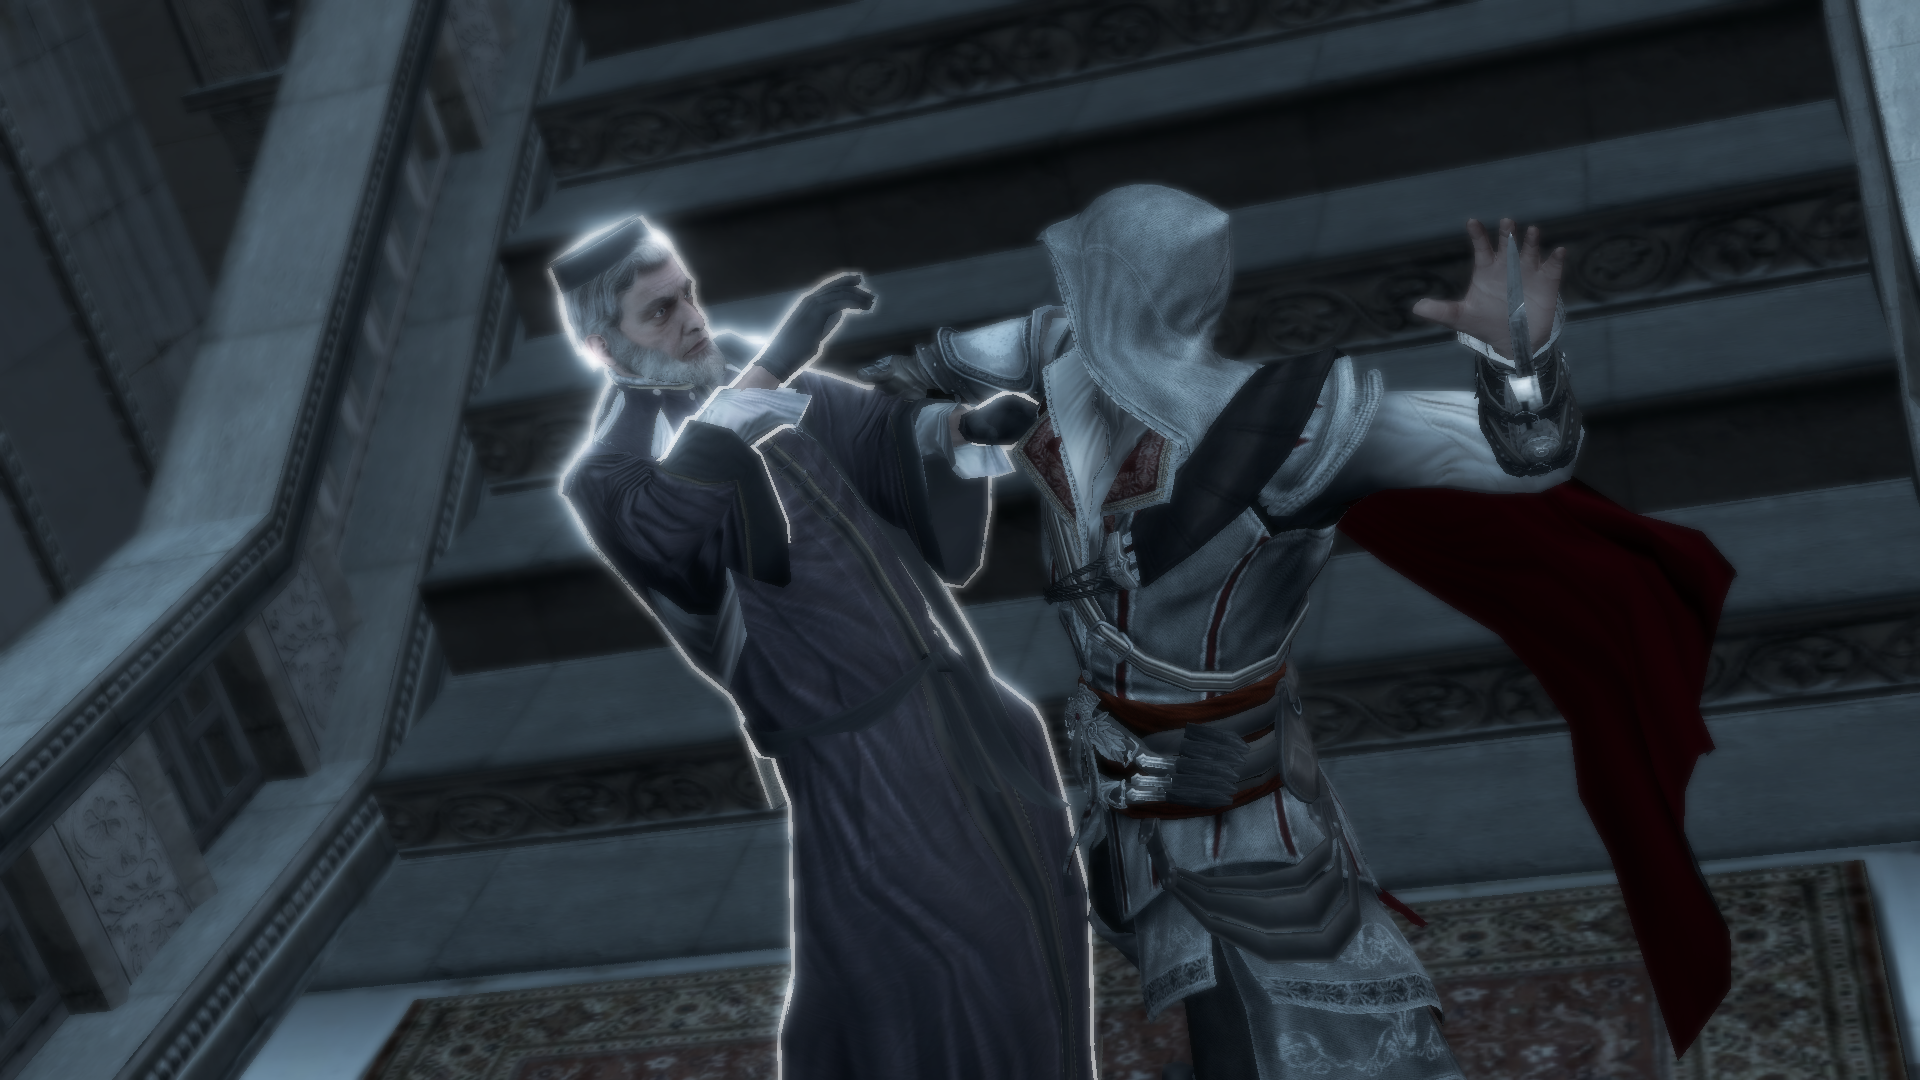 Assassination Target Assassin S Creed Wiki Fandom